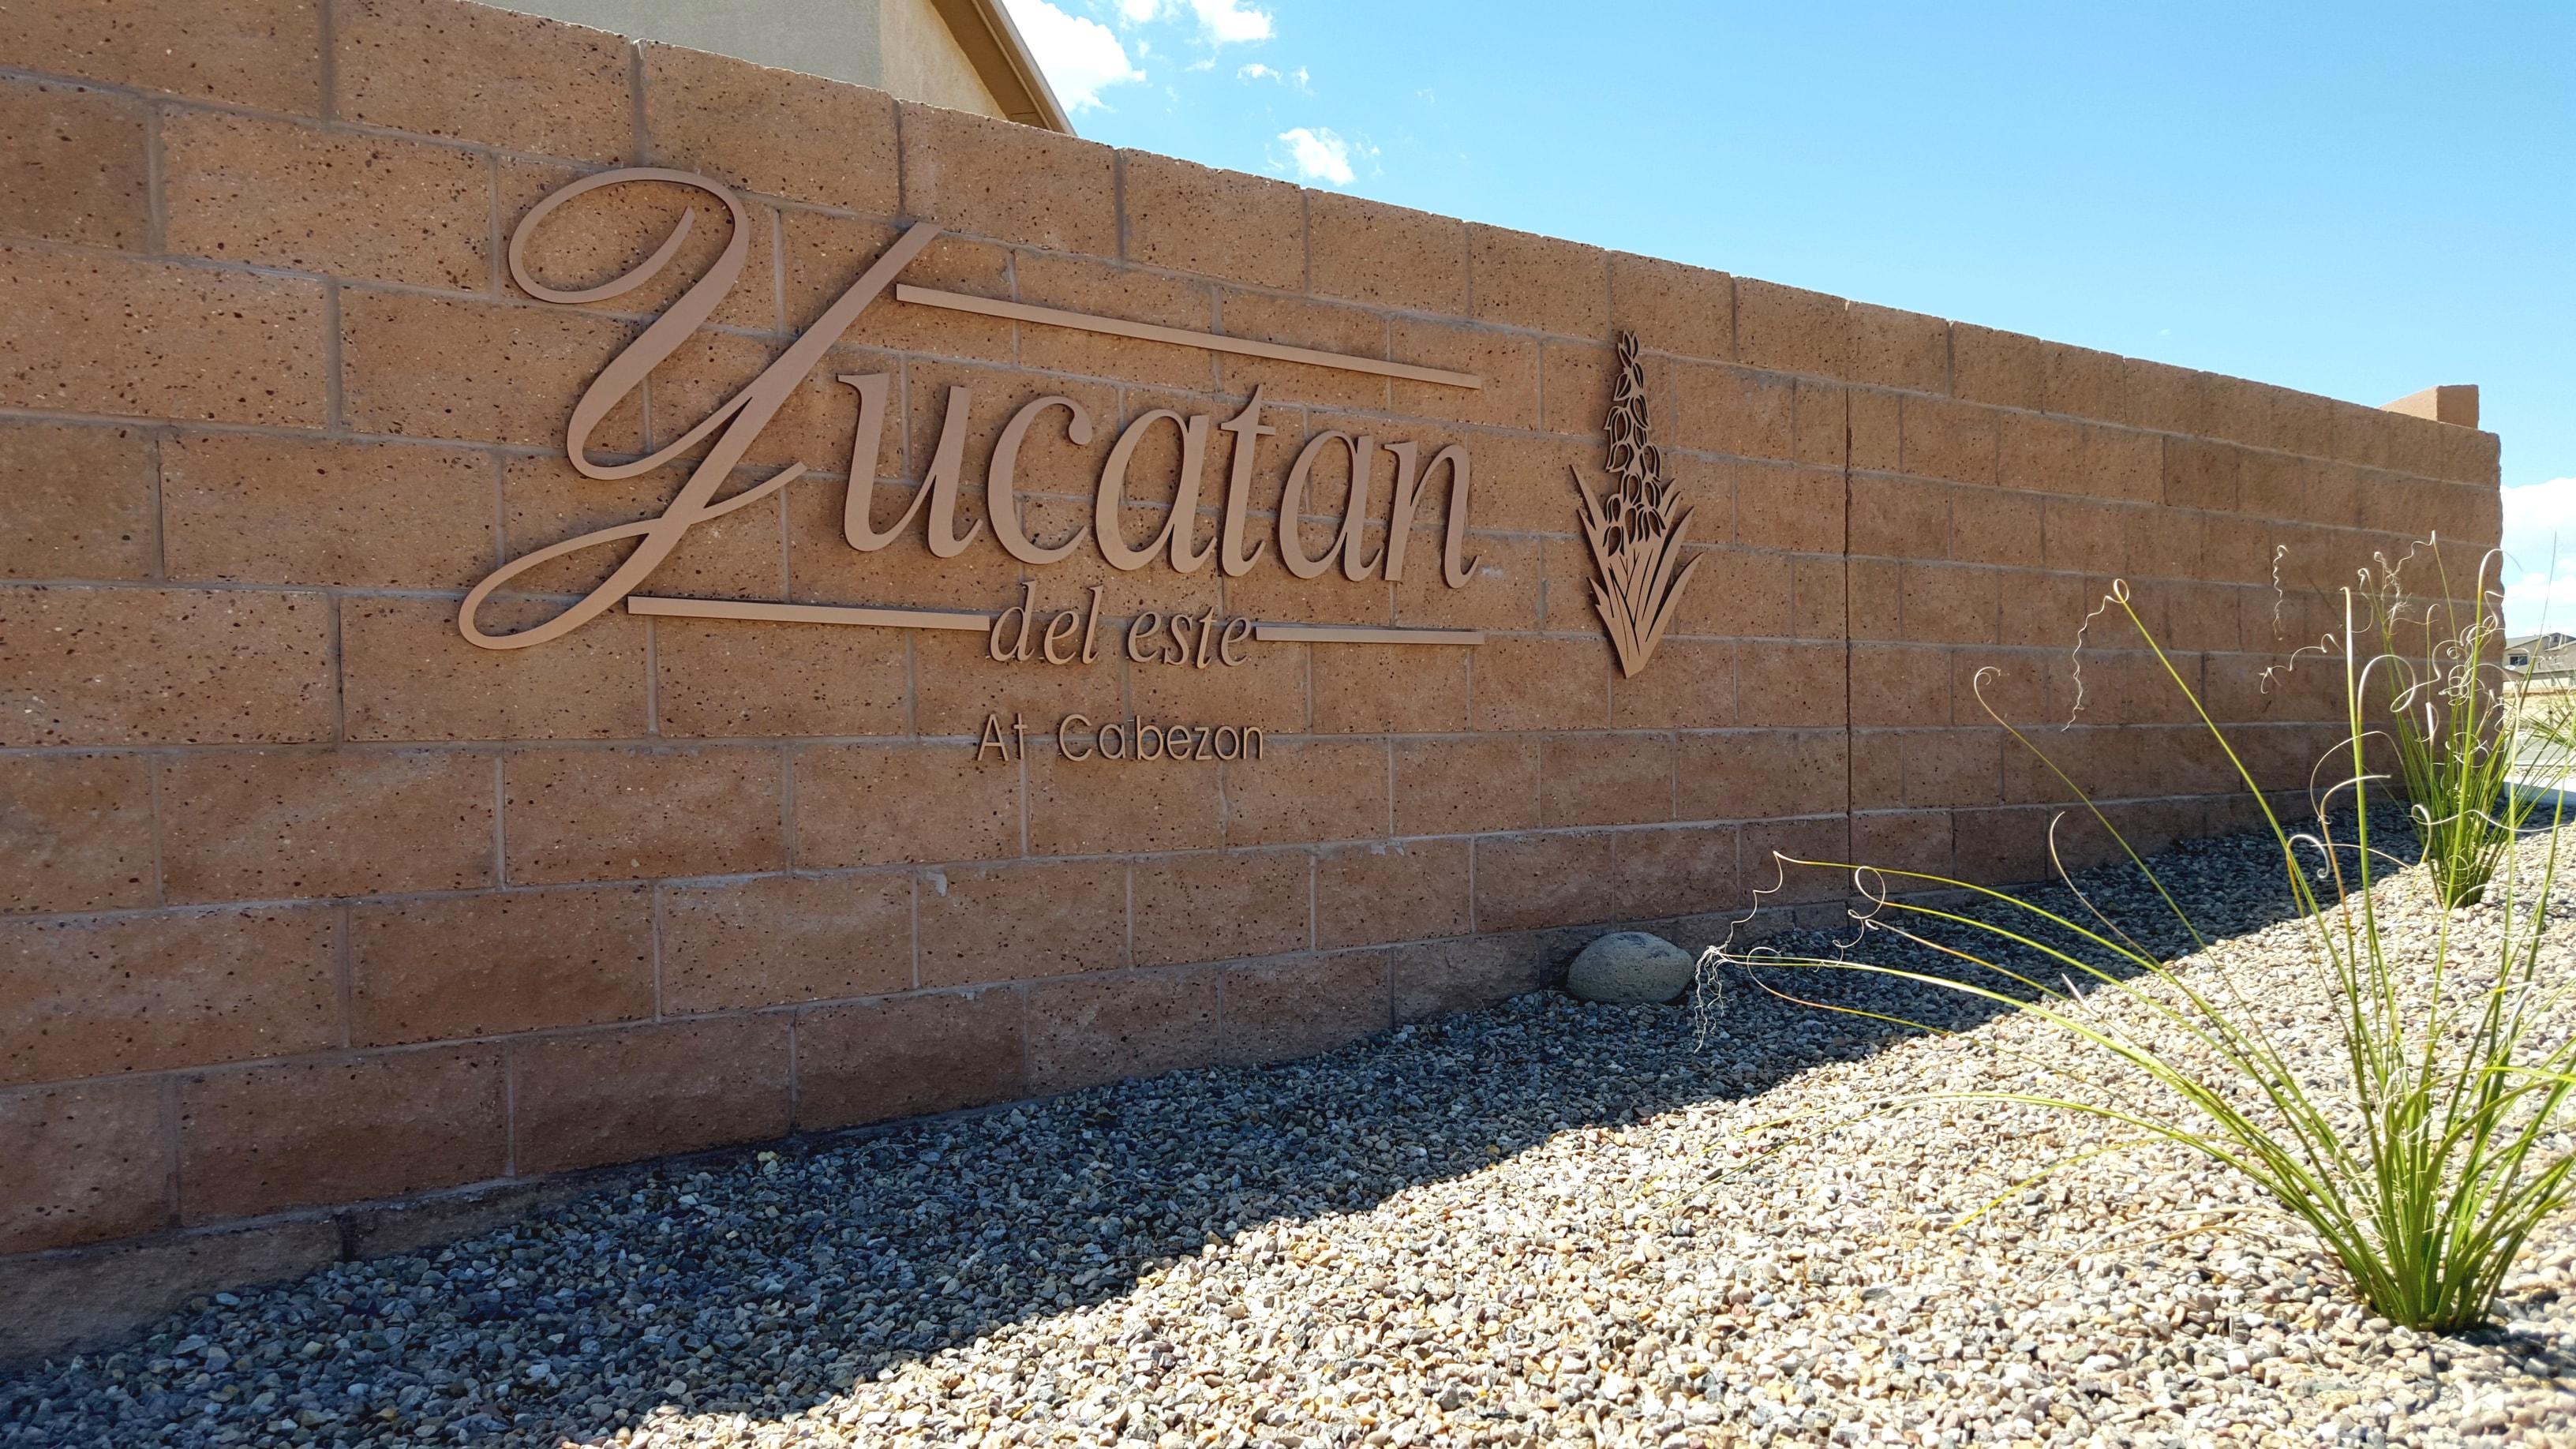 Yucatan del Este Cabezon